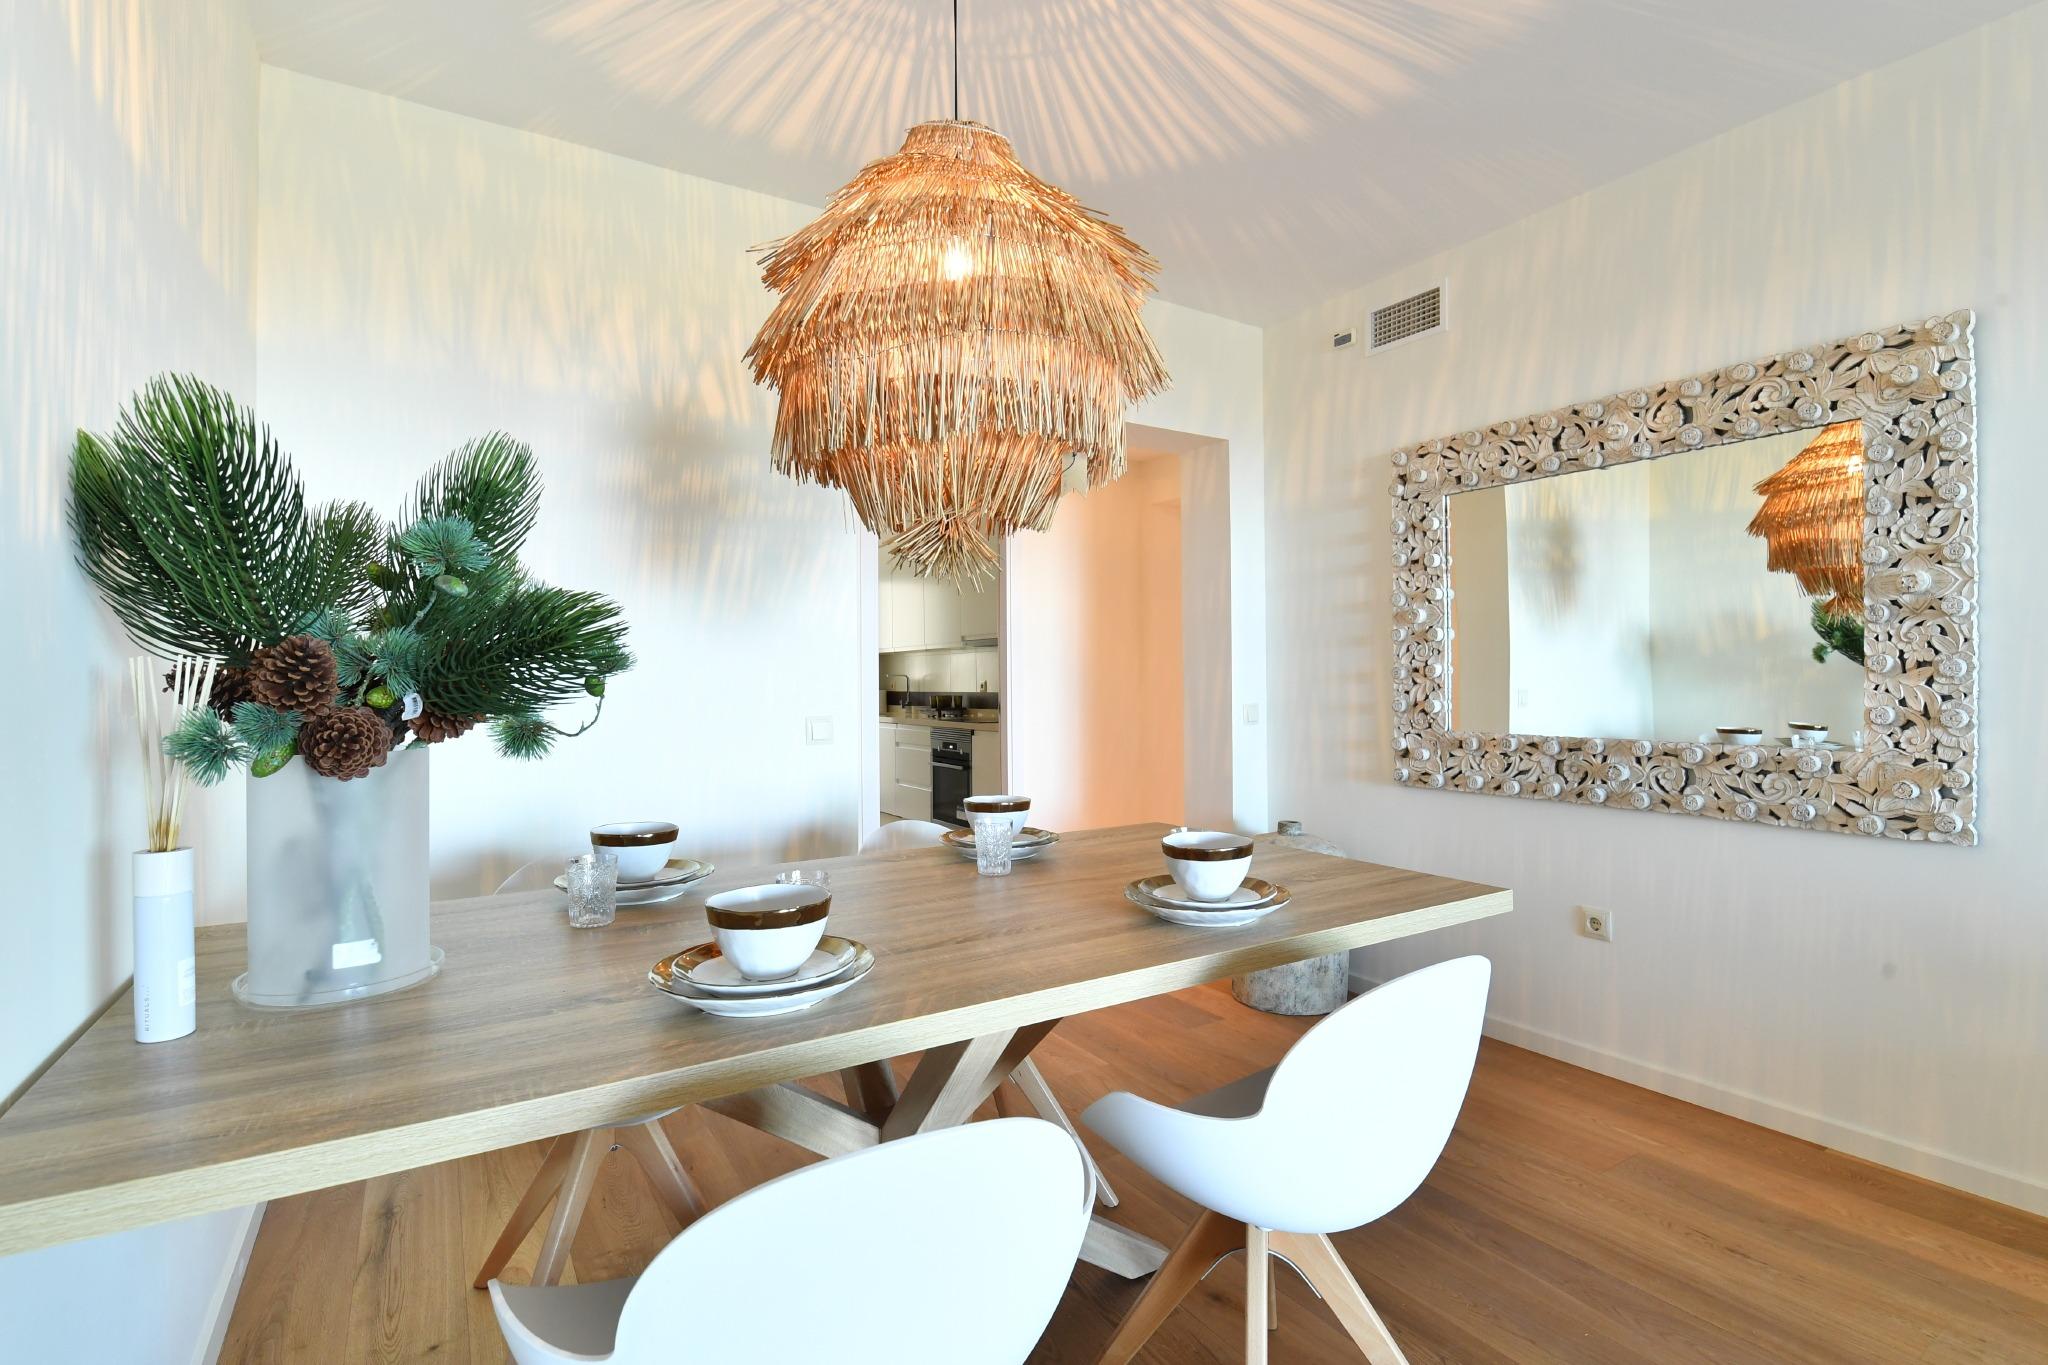 La-Cala-Suites-Ibiza-Style-Interior-9